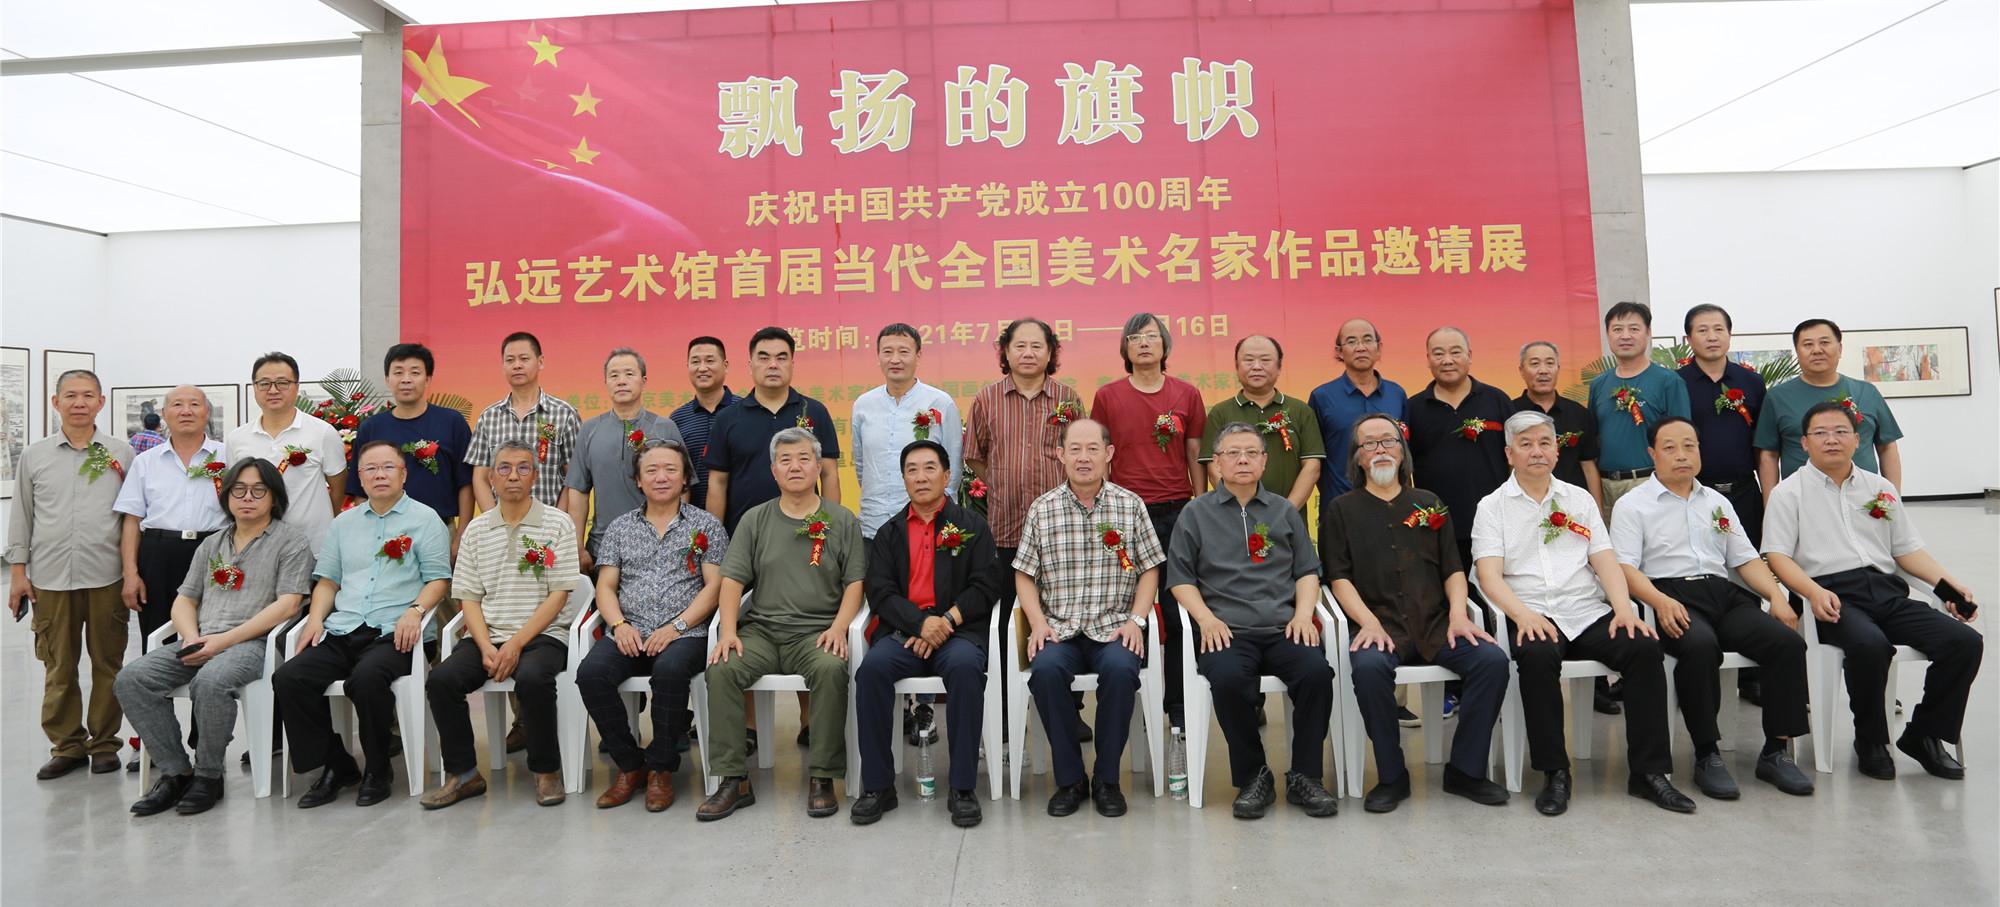 60位名家,100幅作品亮相弘远艺术馆首届当代全国美术名家邀请展